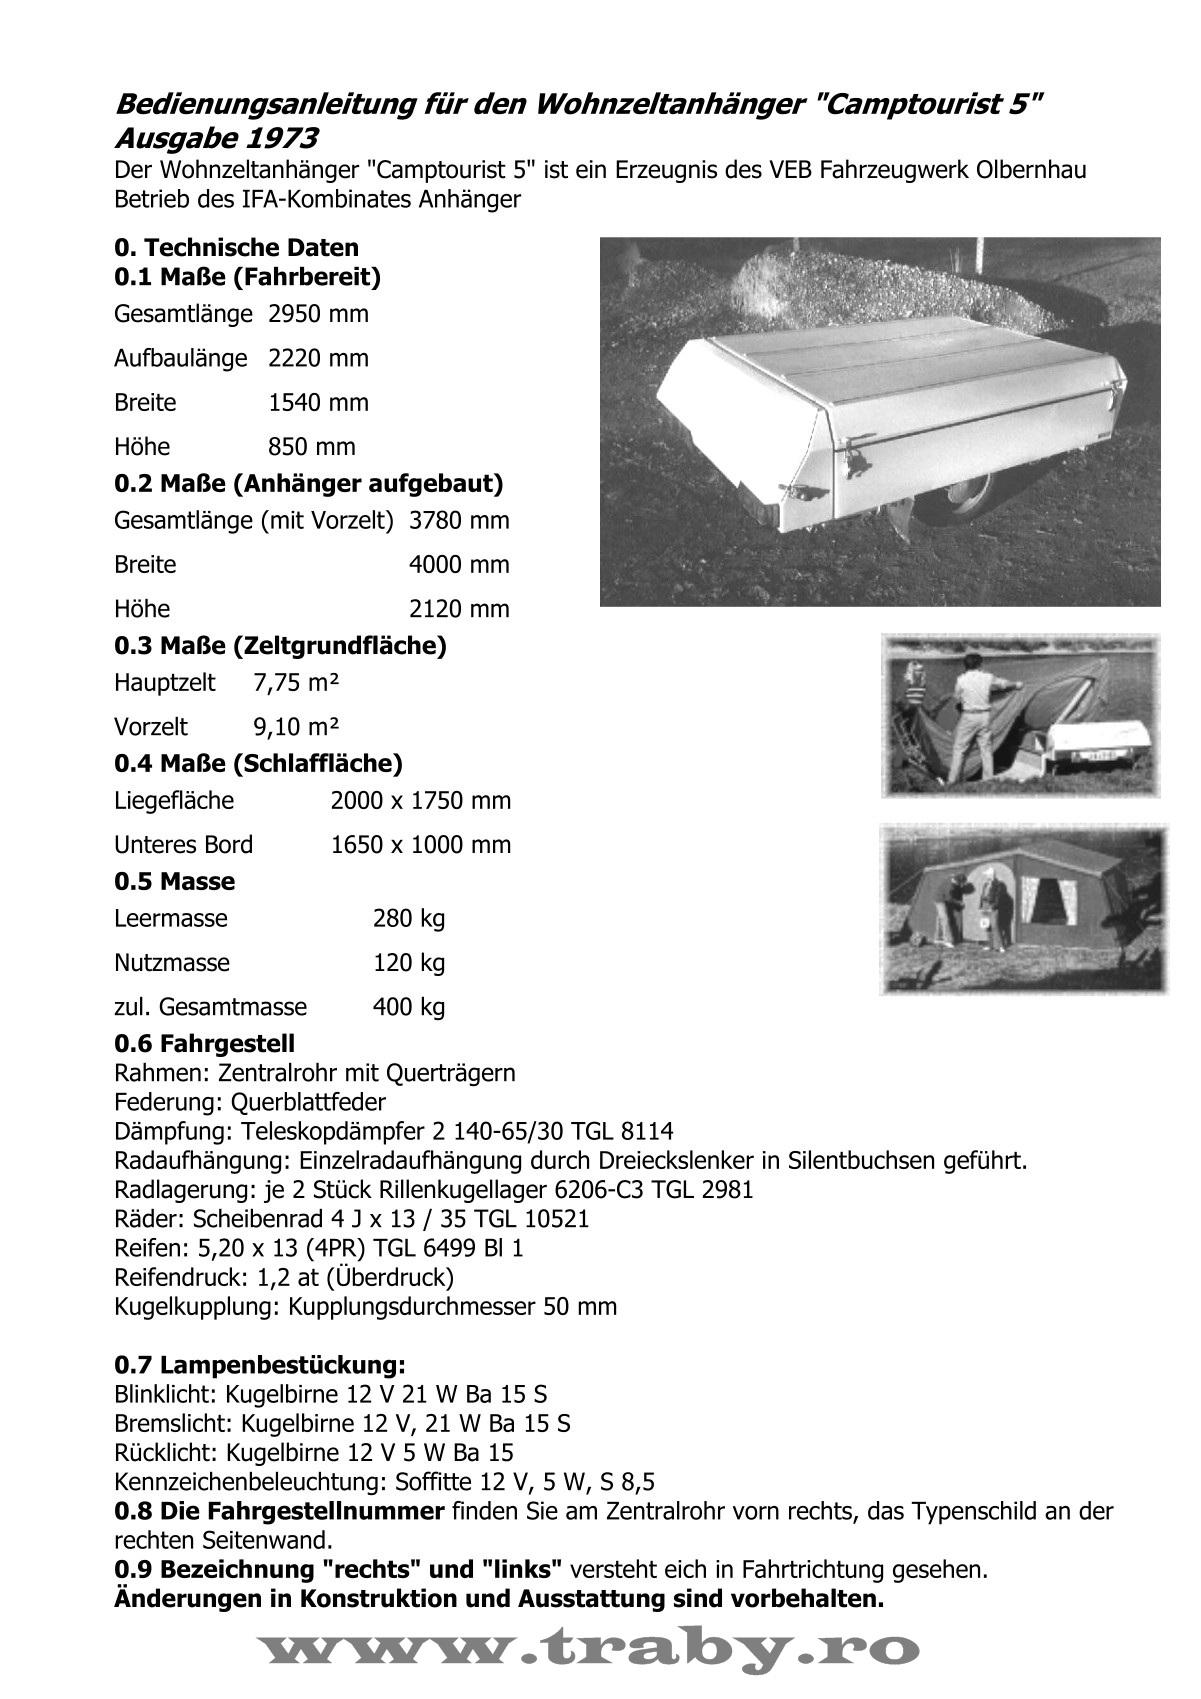 BedienungsanleitungCT50002.jpg